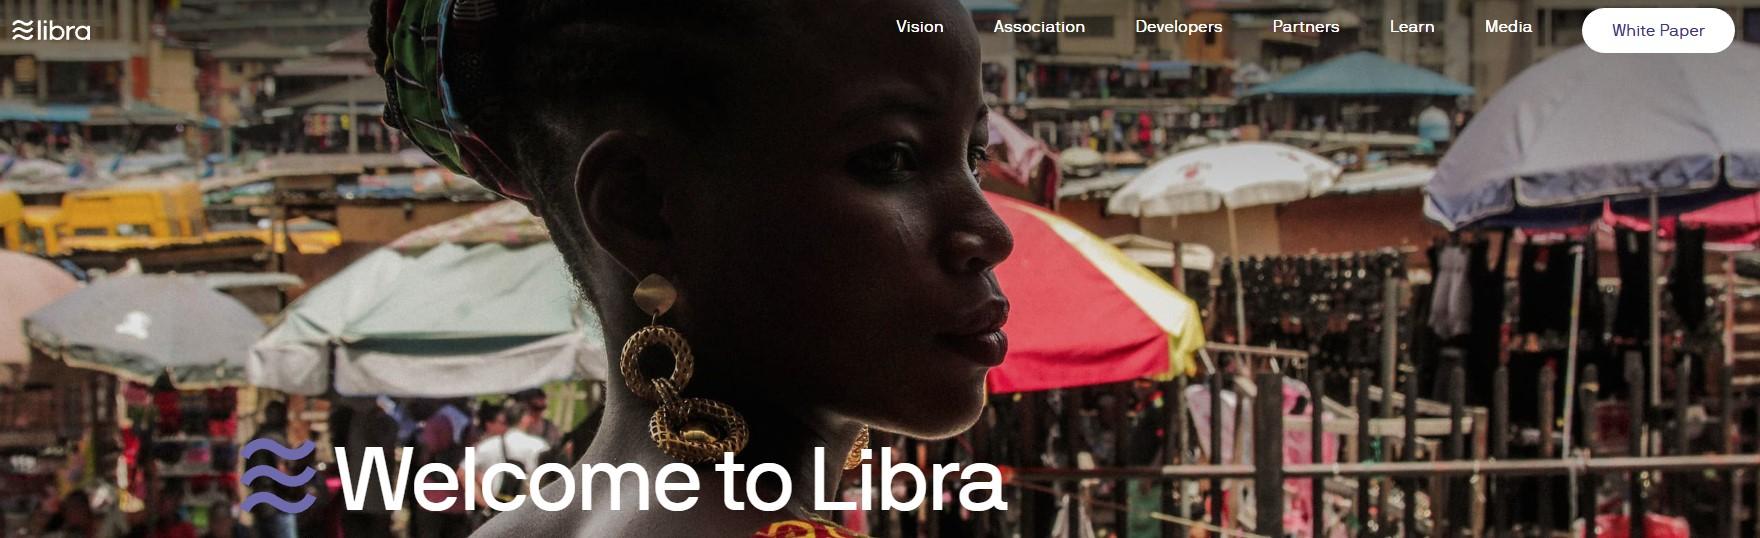 Tout savoir sur Libra, le projet crypto de Facebook